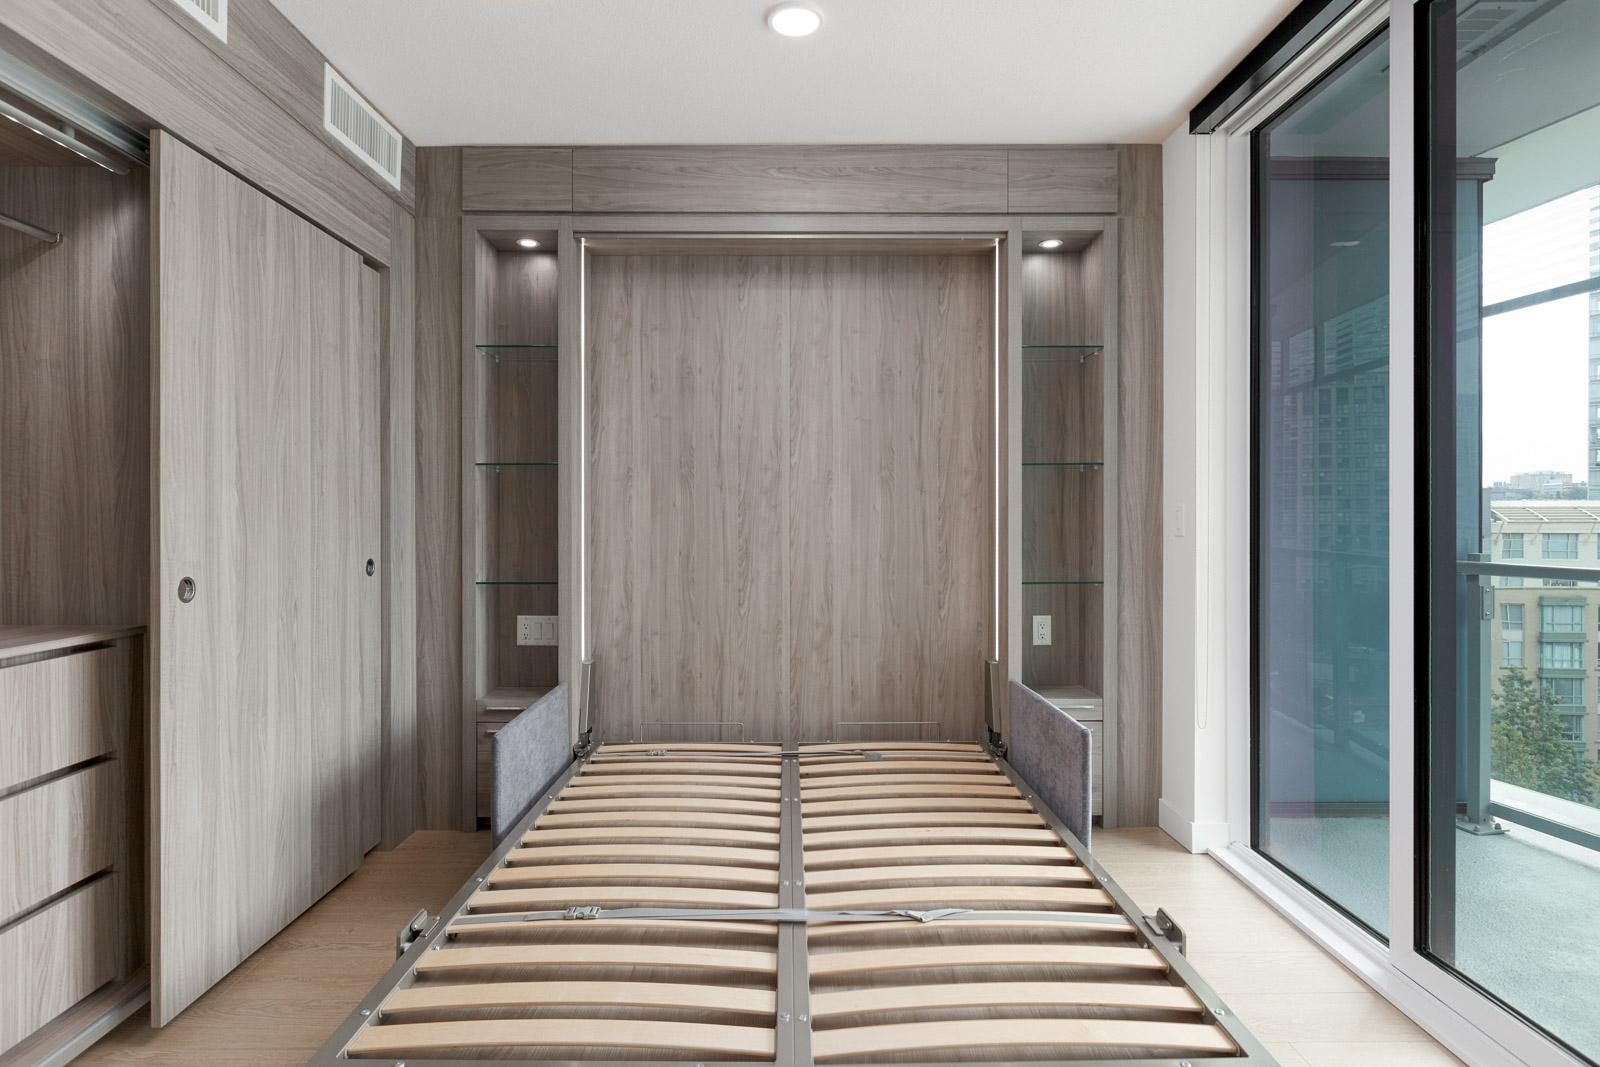 murphy bed down in bedroom of arc rental condo with dark wood walls